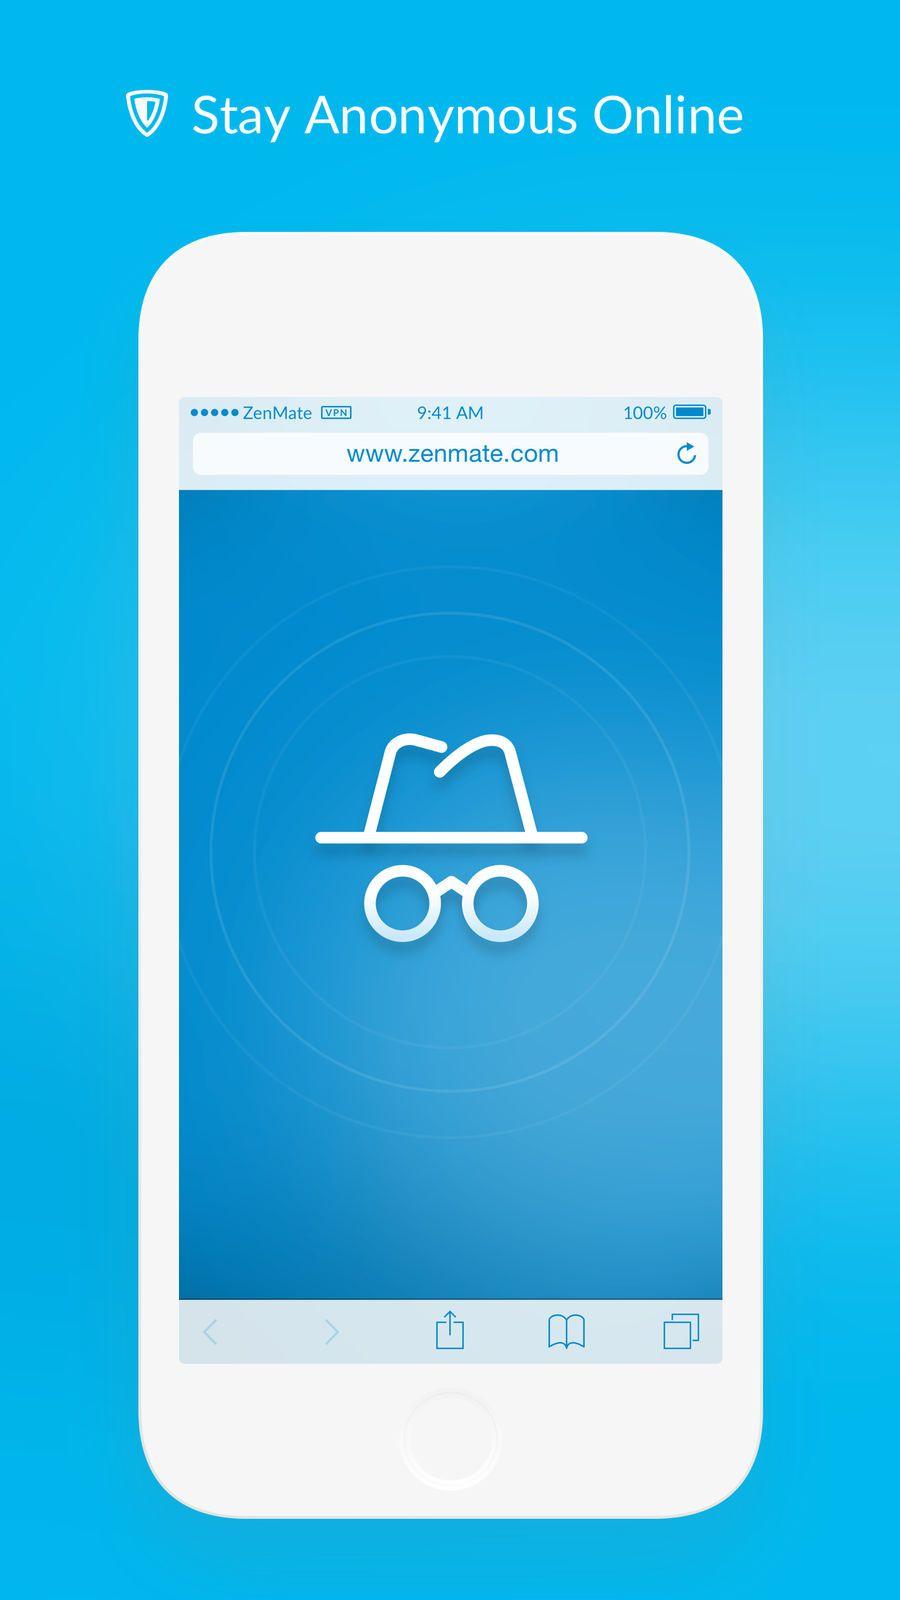 ZenMate VPN iosUtilitiesappapps (With images) App